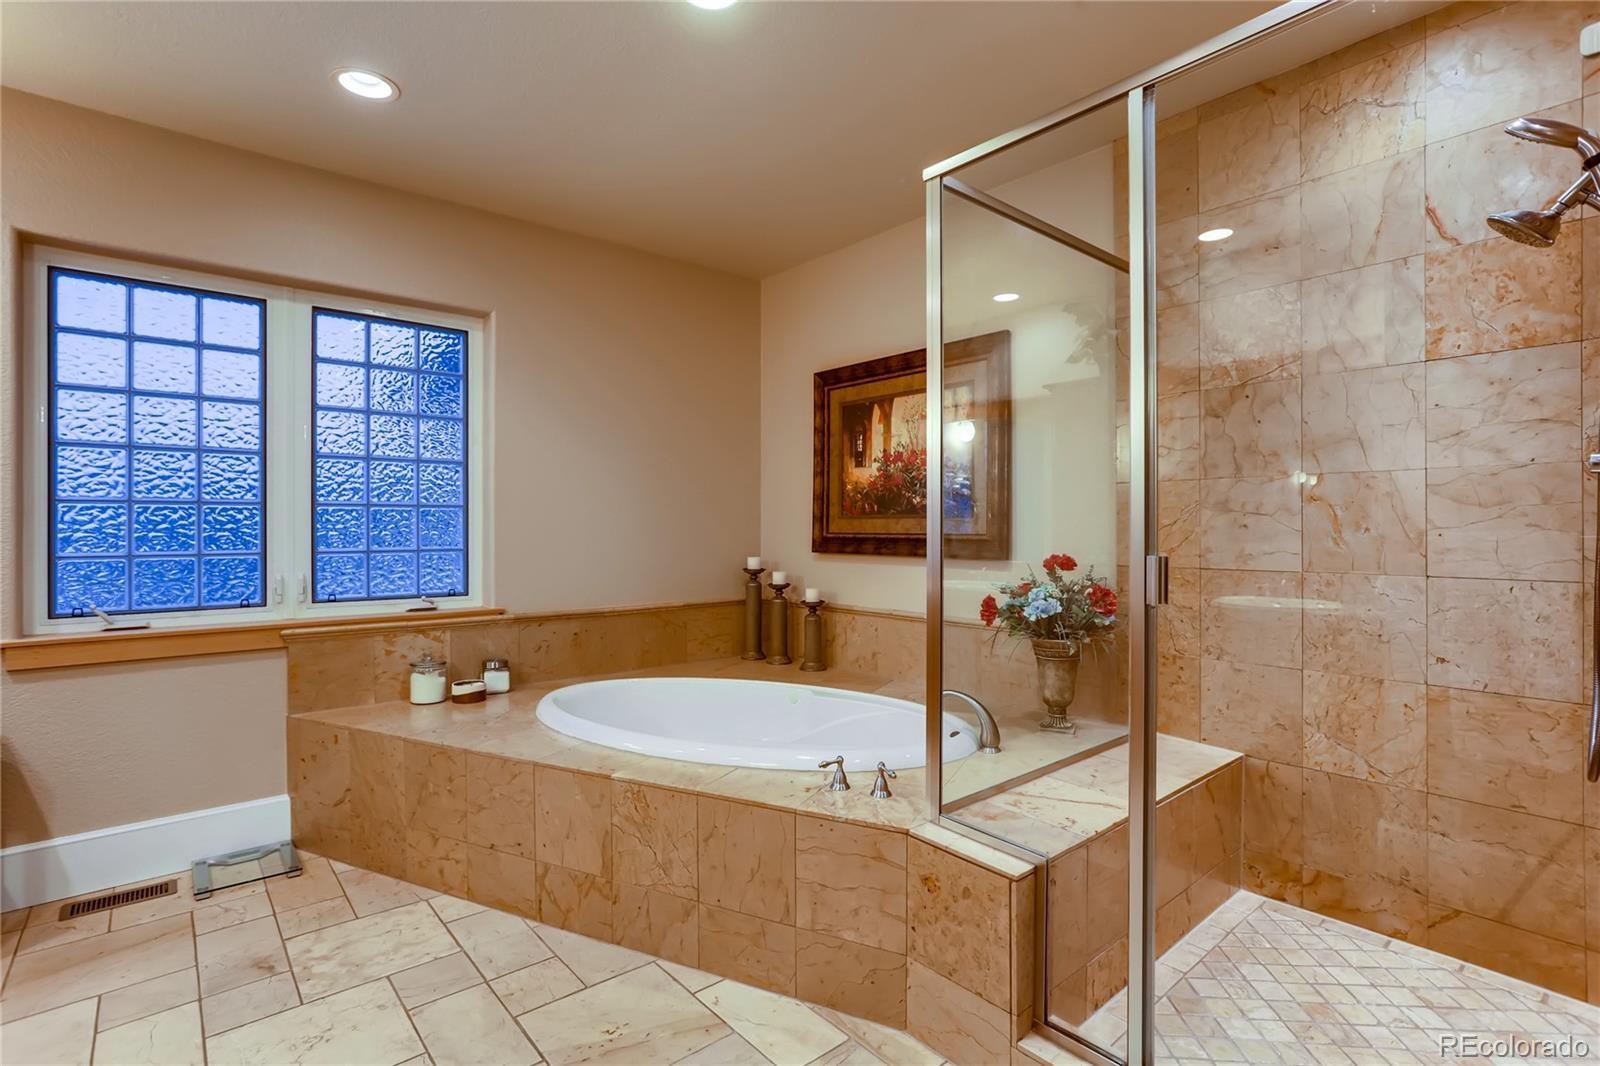 MLS# 7844804 - 18 - 1067 Ridge Oaks Drive, Castle Rock, CO 80104